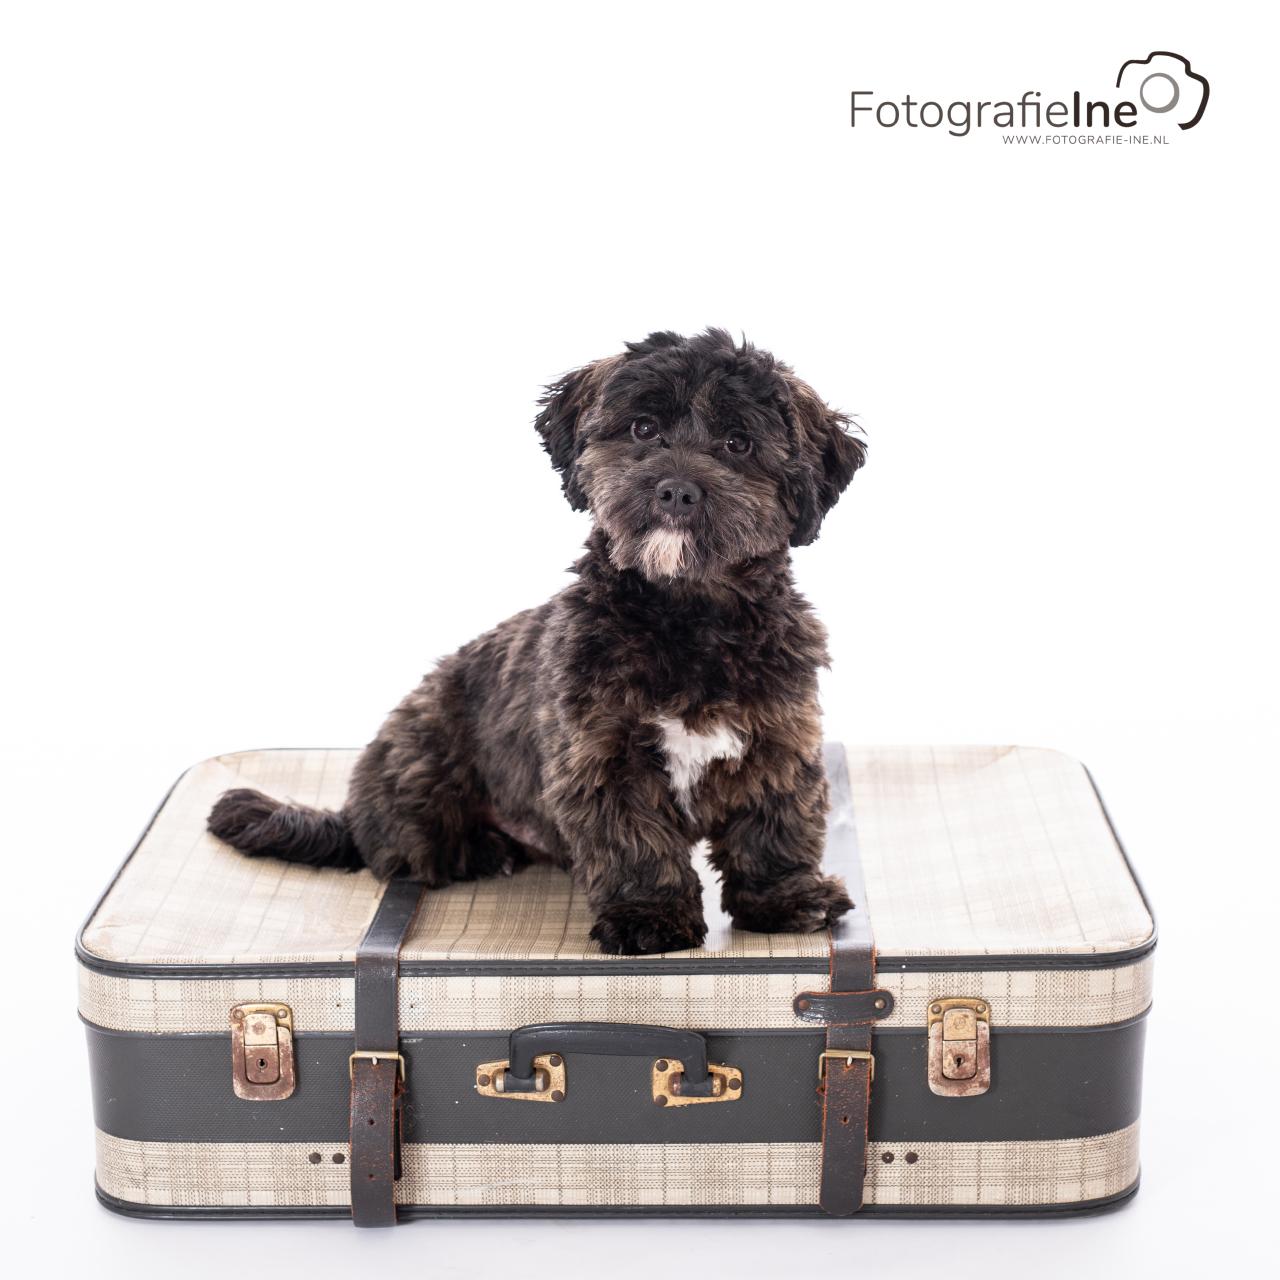 Fotografie Ine fotoshoot hond Boekel